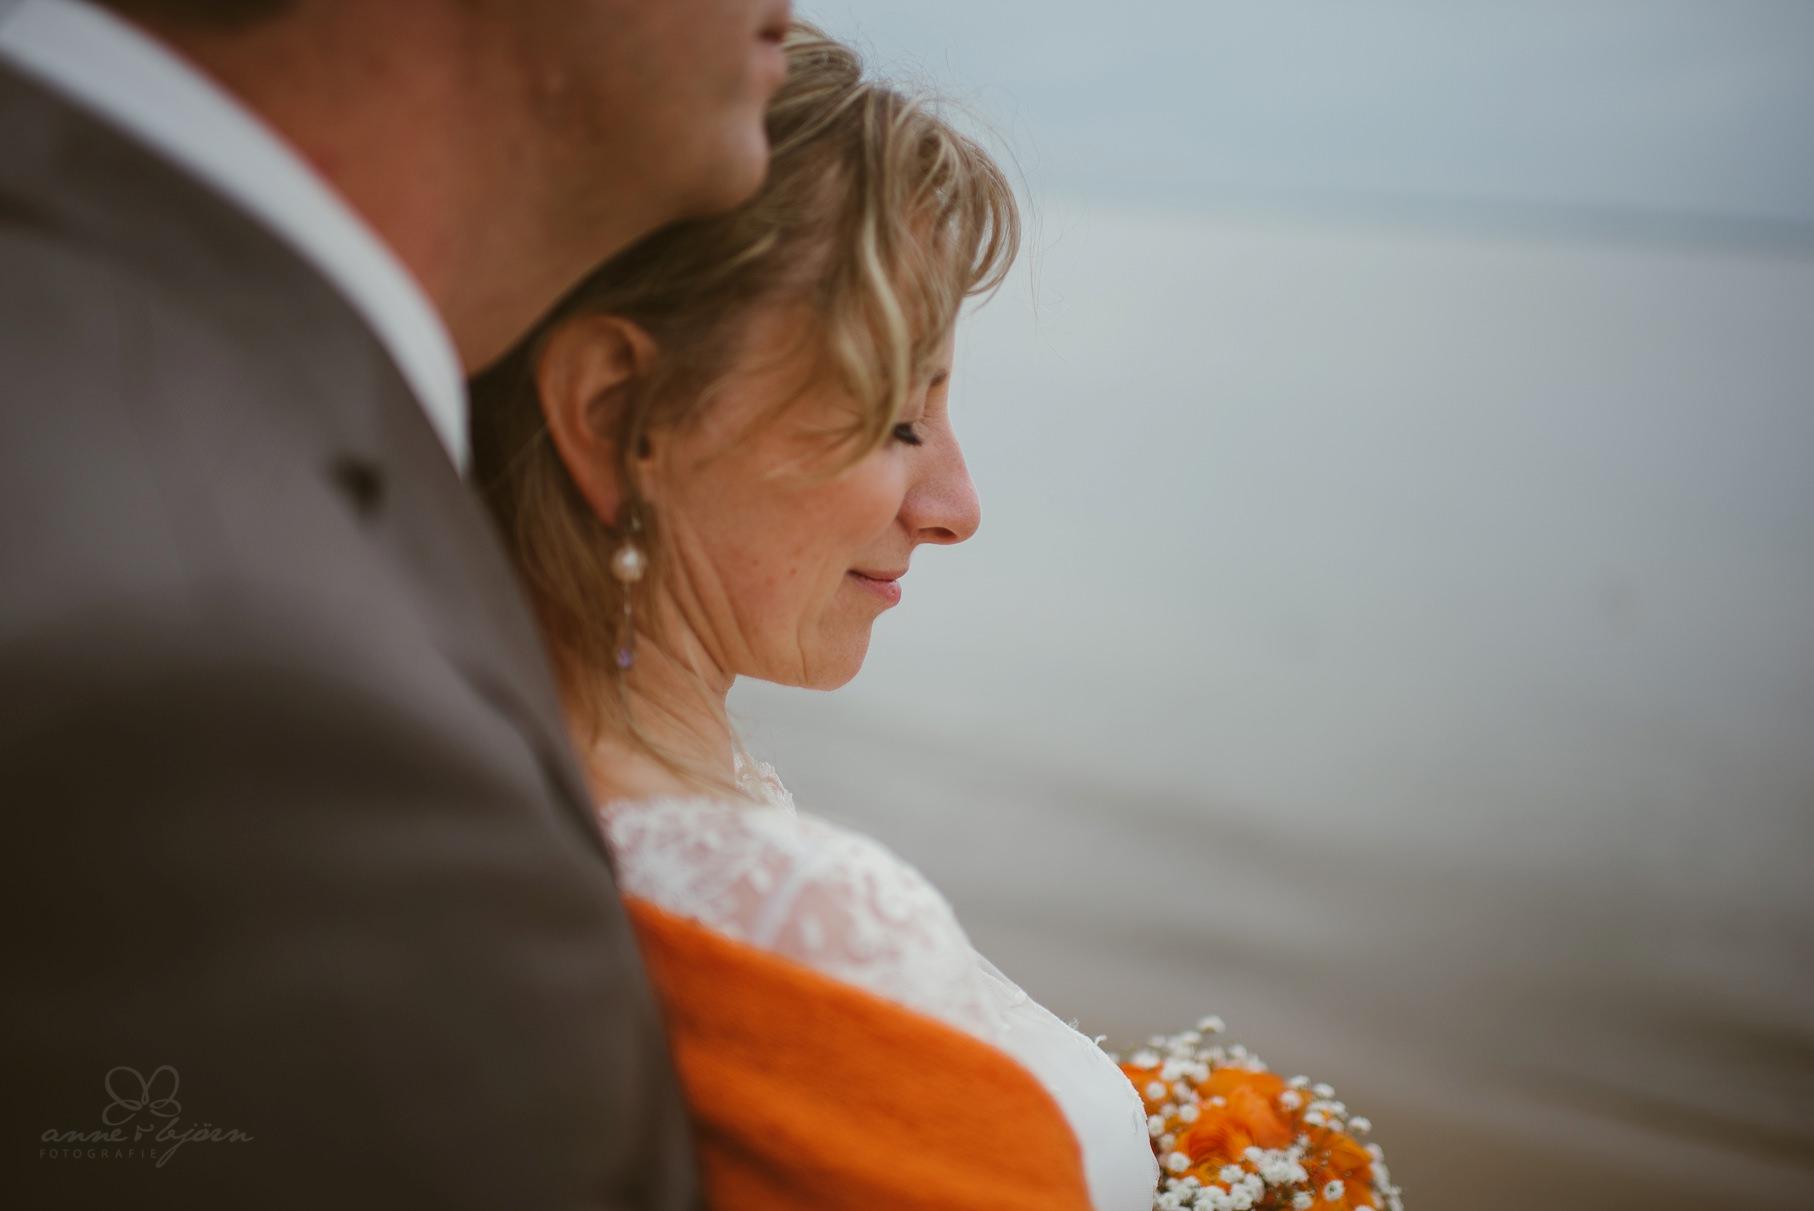 0102 anne und bjoern Manu und Sven D75 0555 1 - DIY Hochzeit im Erdhaus auf dem alten Land - Manuela & Sven